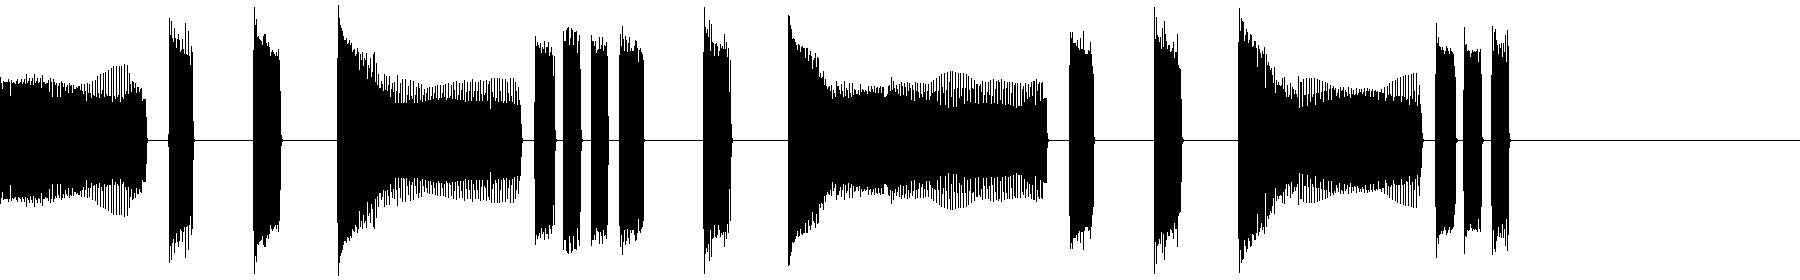 dts chordlp 44 f dry